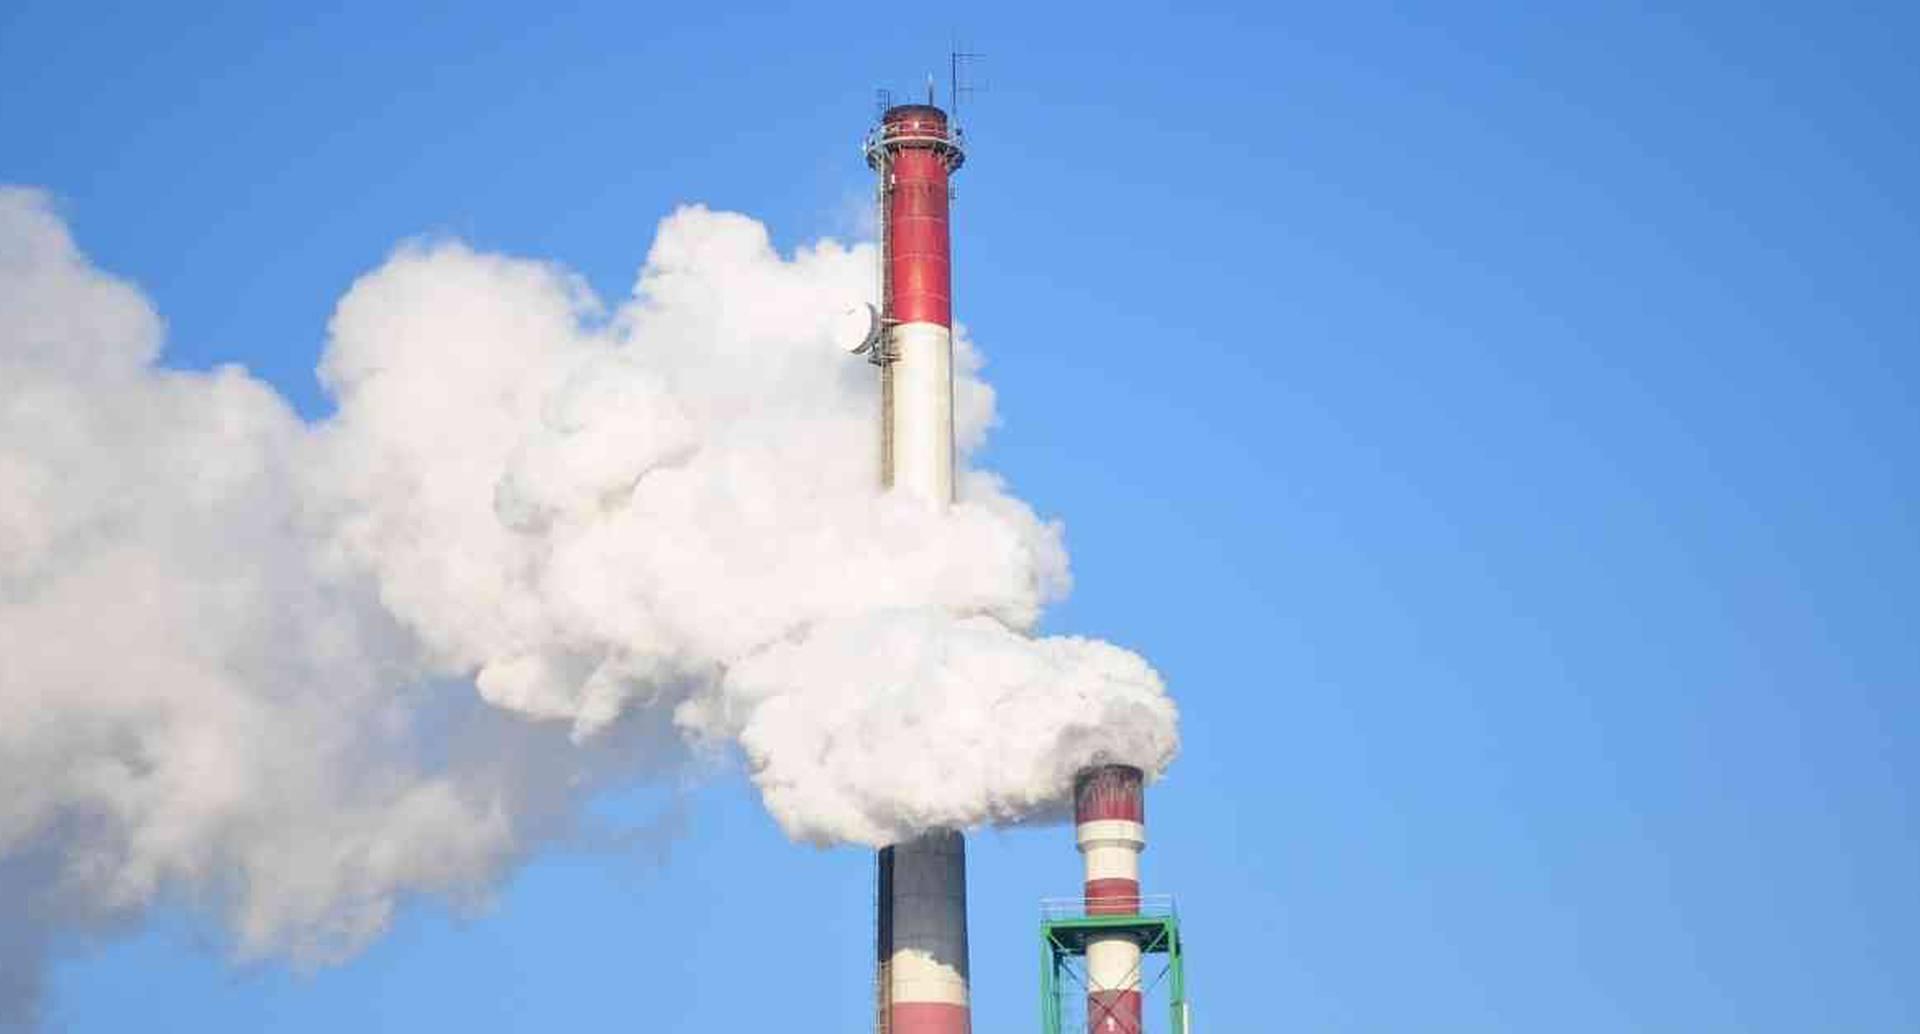 El uso de combustibles fósiles fue uno de los principales factores de incremento de los gases de efecto invernadero. Foto: Pixabay.